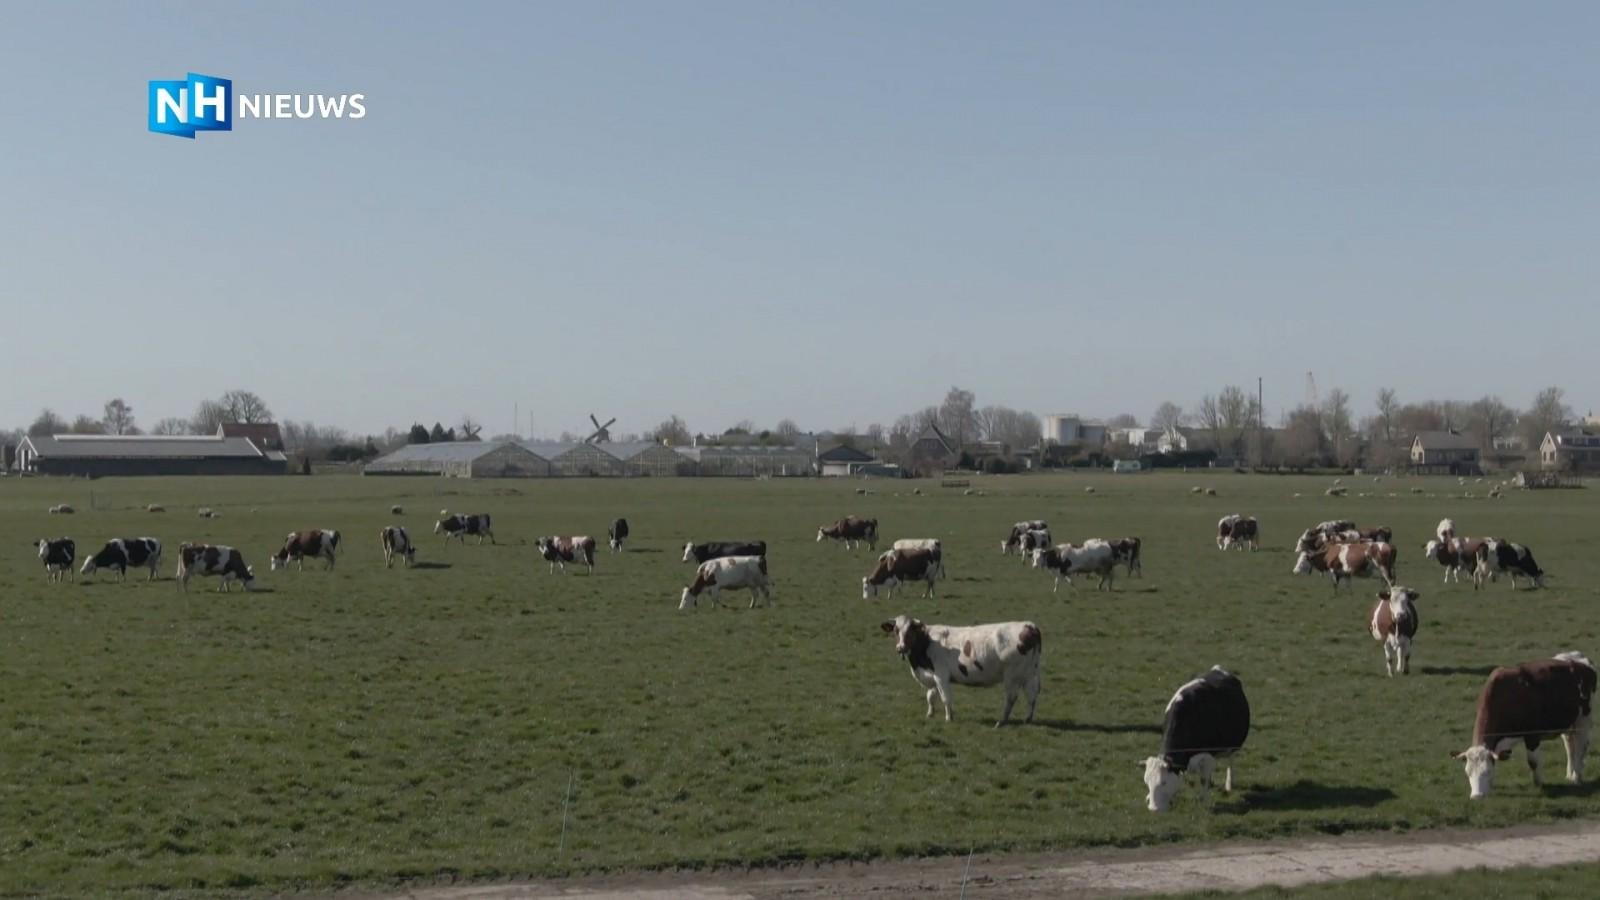 De lente laat zich eindelijk echt zien: de koeien mogen weer naar buiten